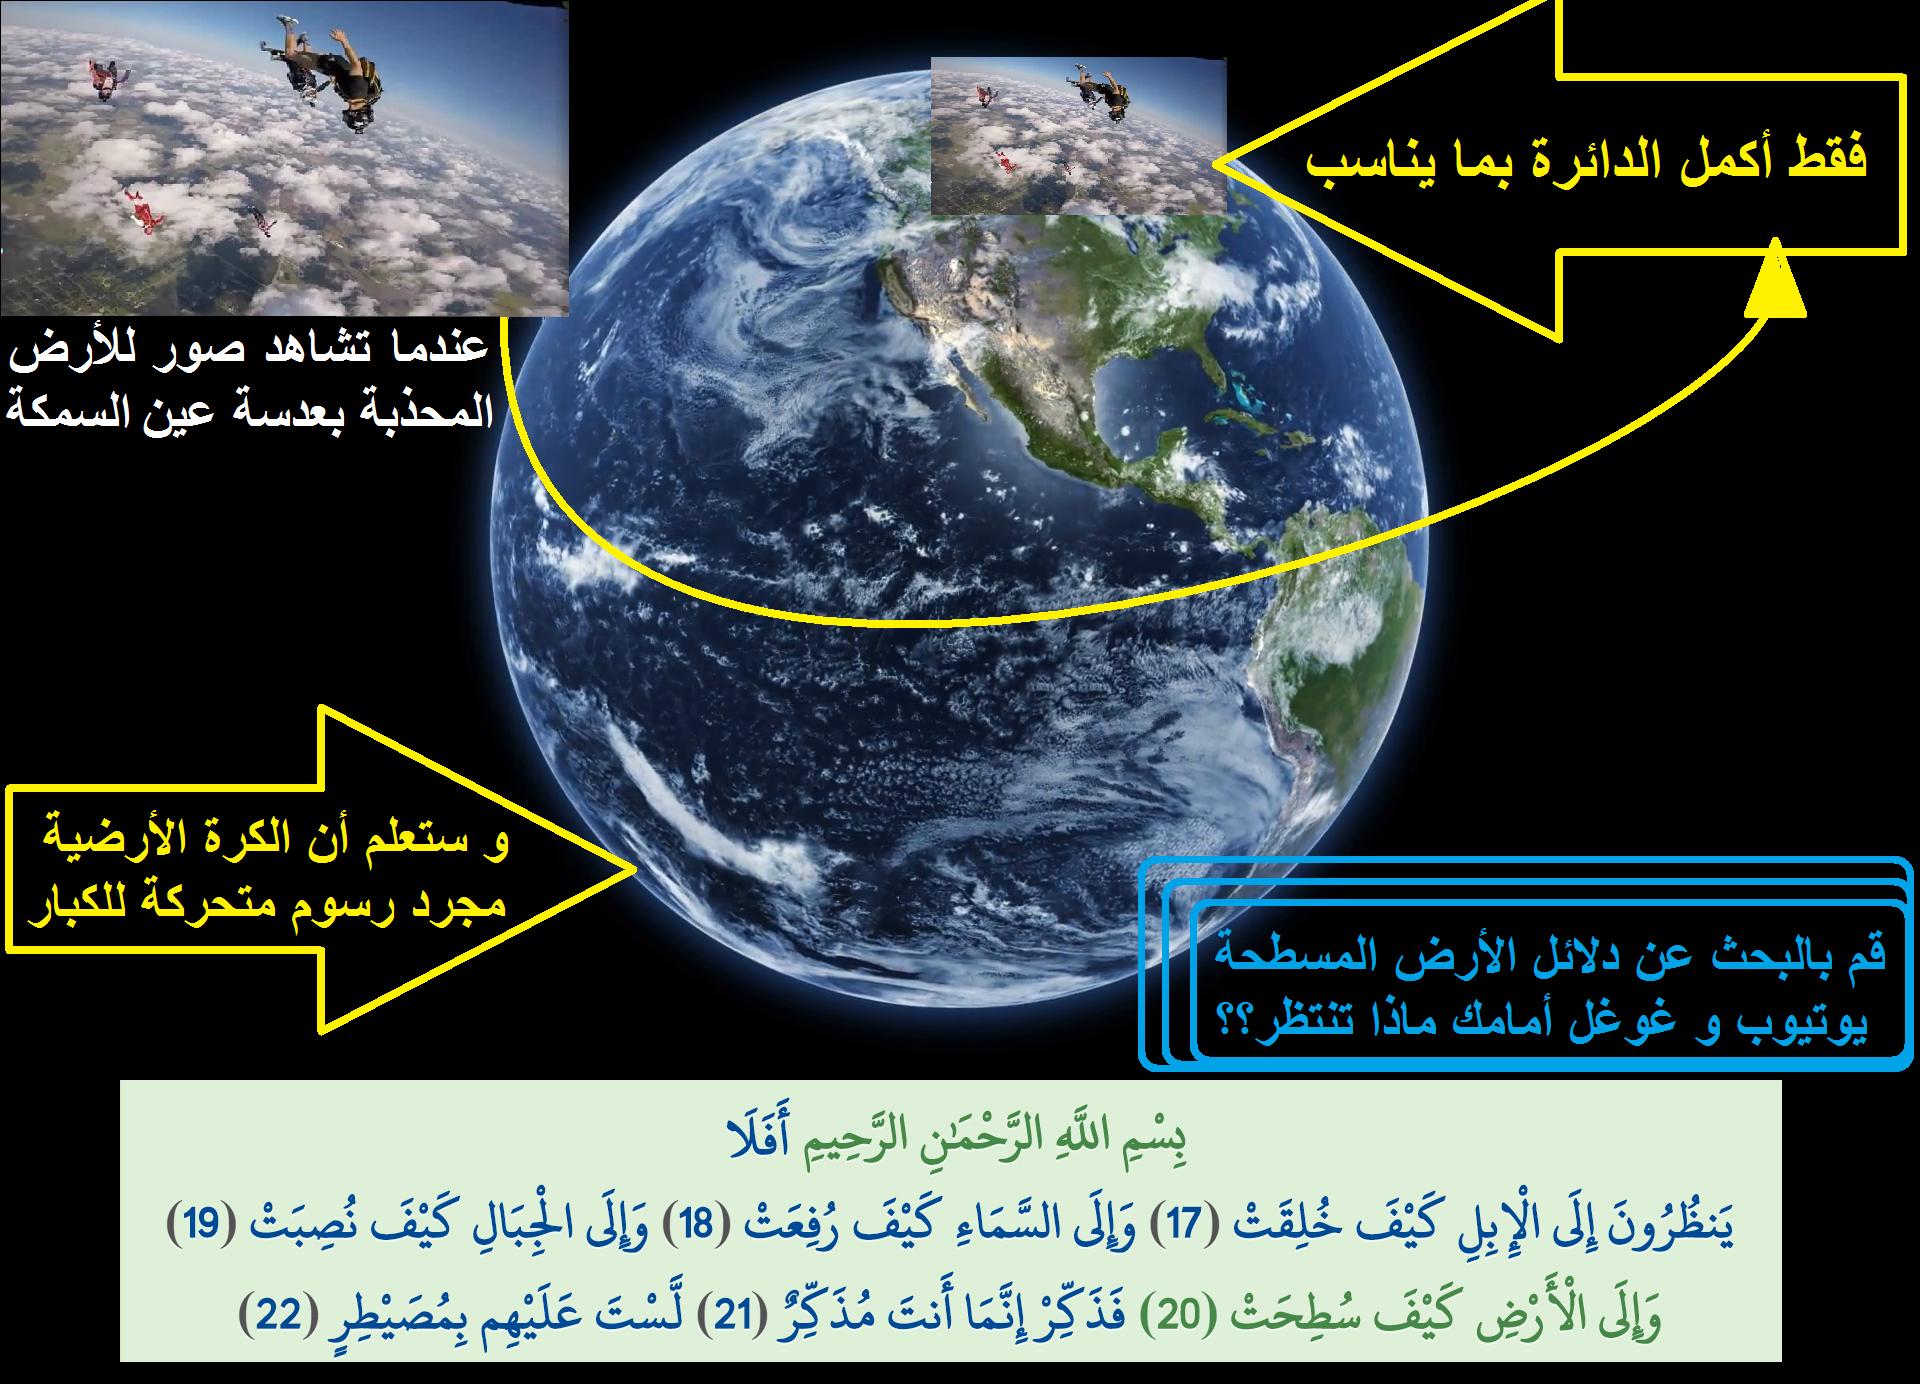 الأرض مسطحة الأرض المسطحة دلائل الأرض المسطحة Flat Earth Earth Is Flat